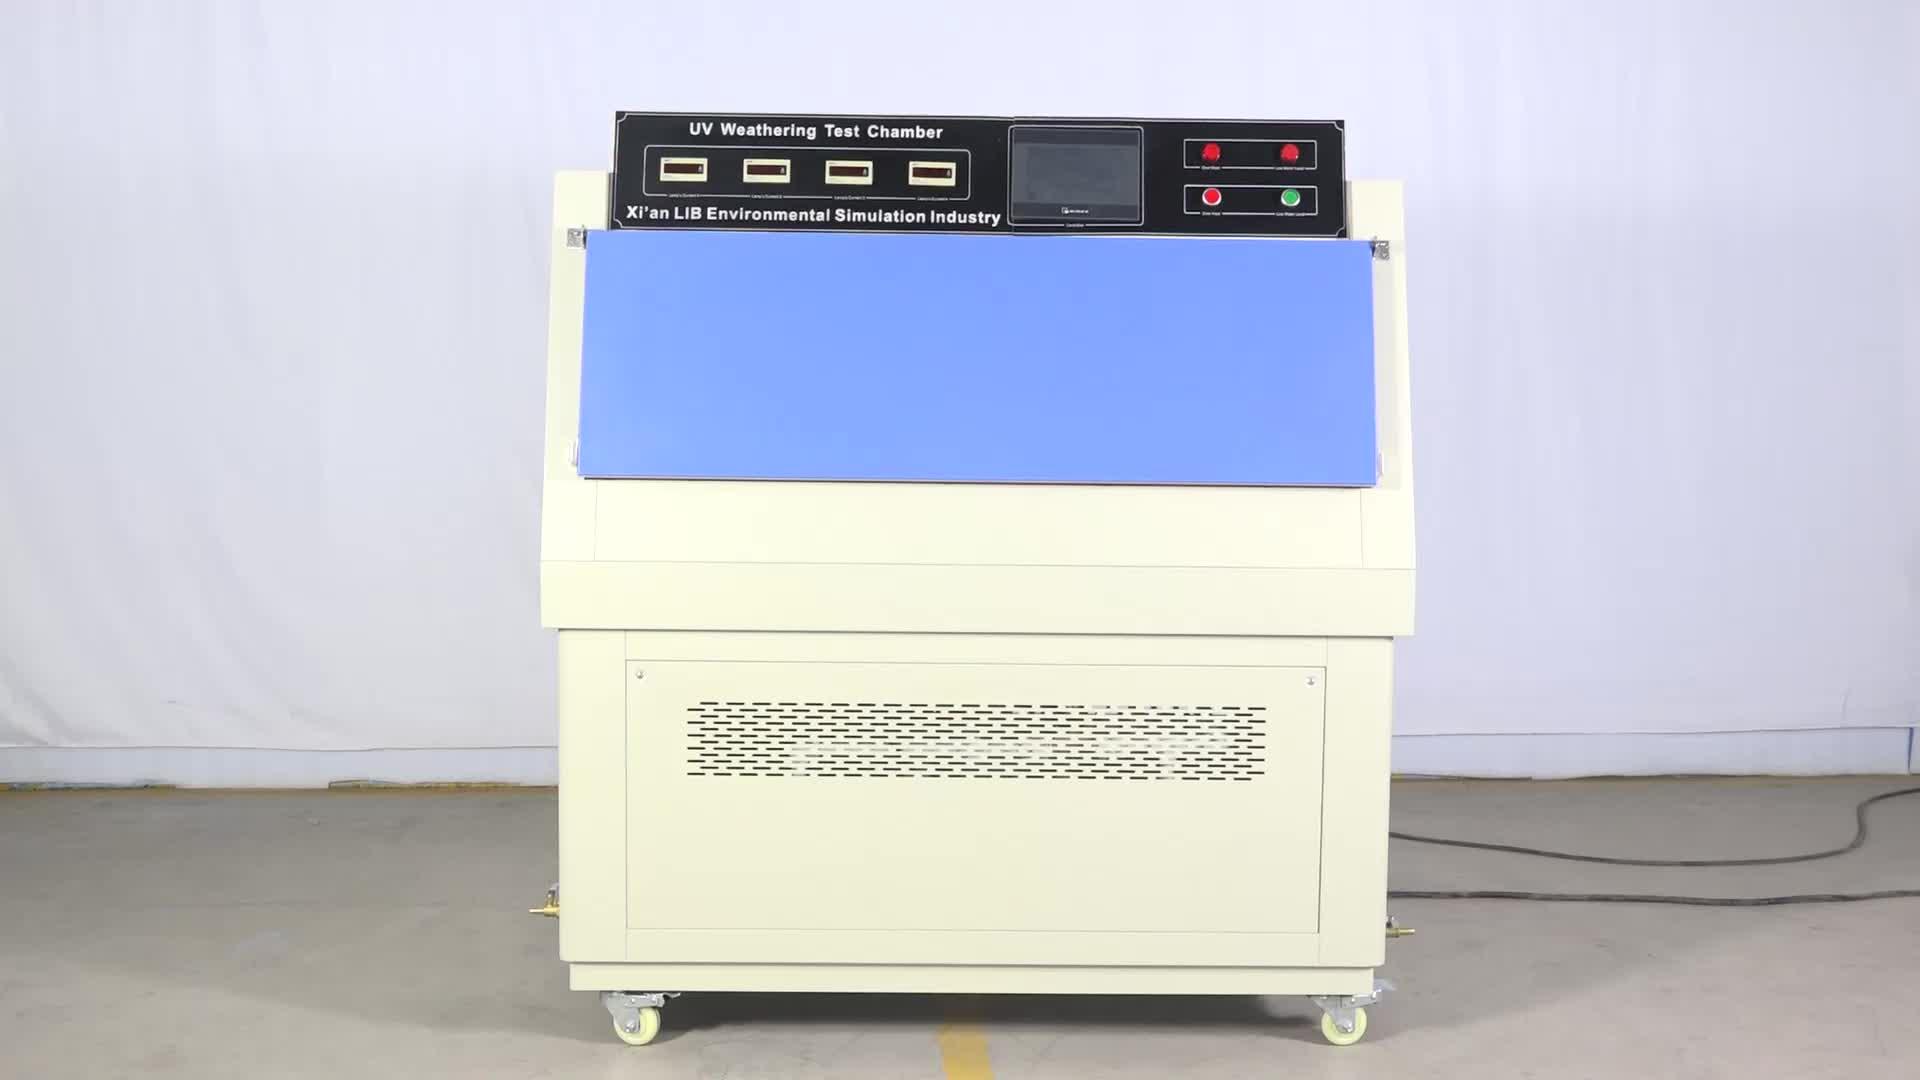 Voldoen ASTM D4329 Standaard UVA 340 en UVB 313 40 W UV Lamp